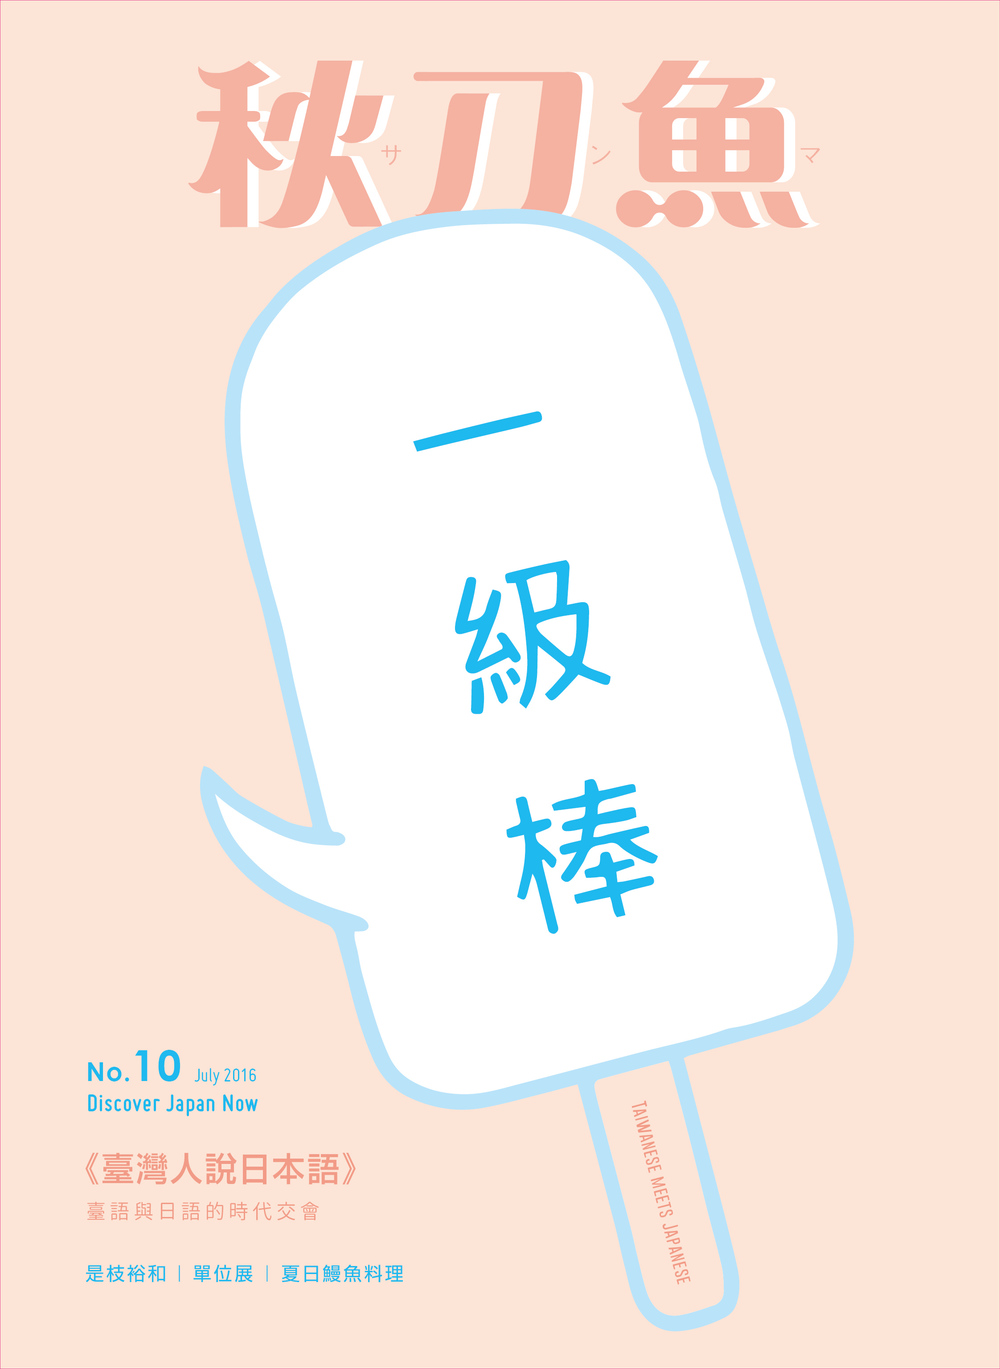 2016年7月號第10期〈臺灣人說日本語〉